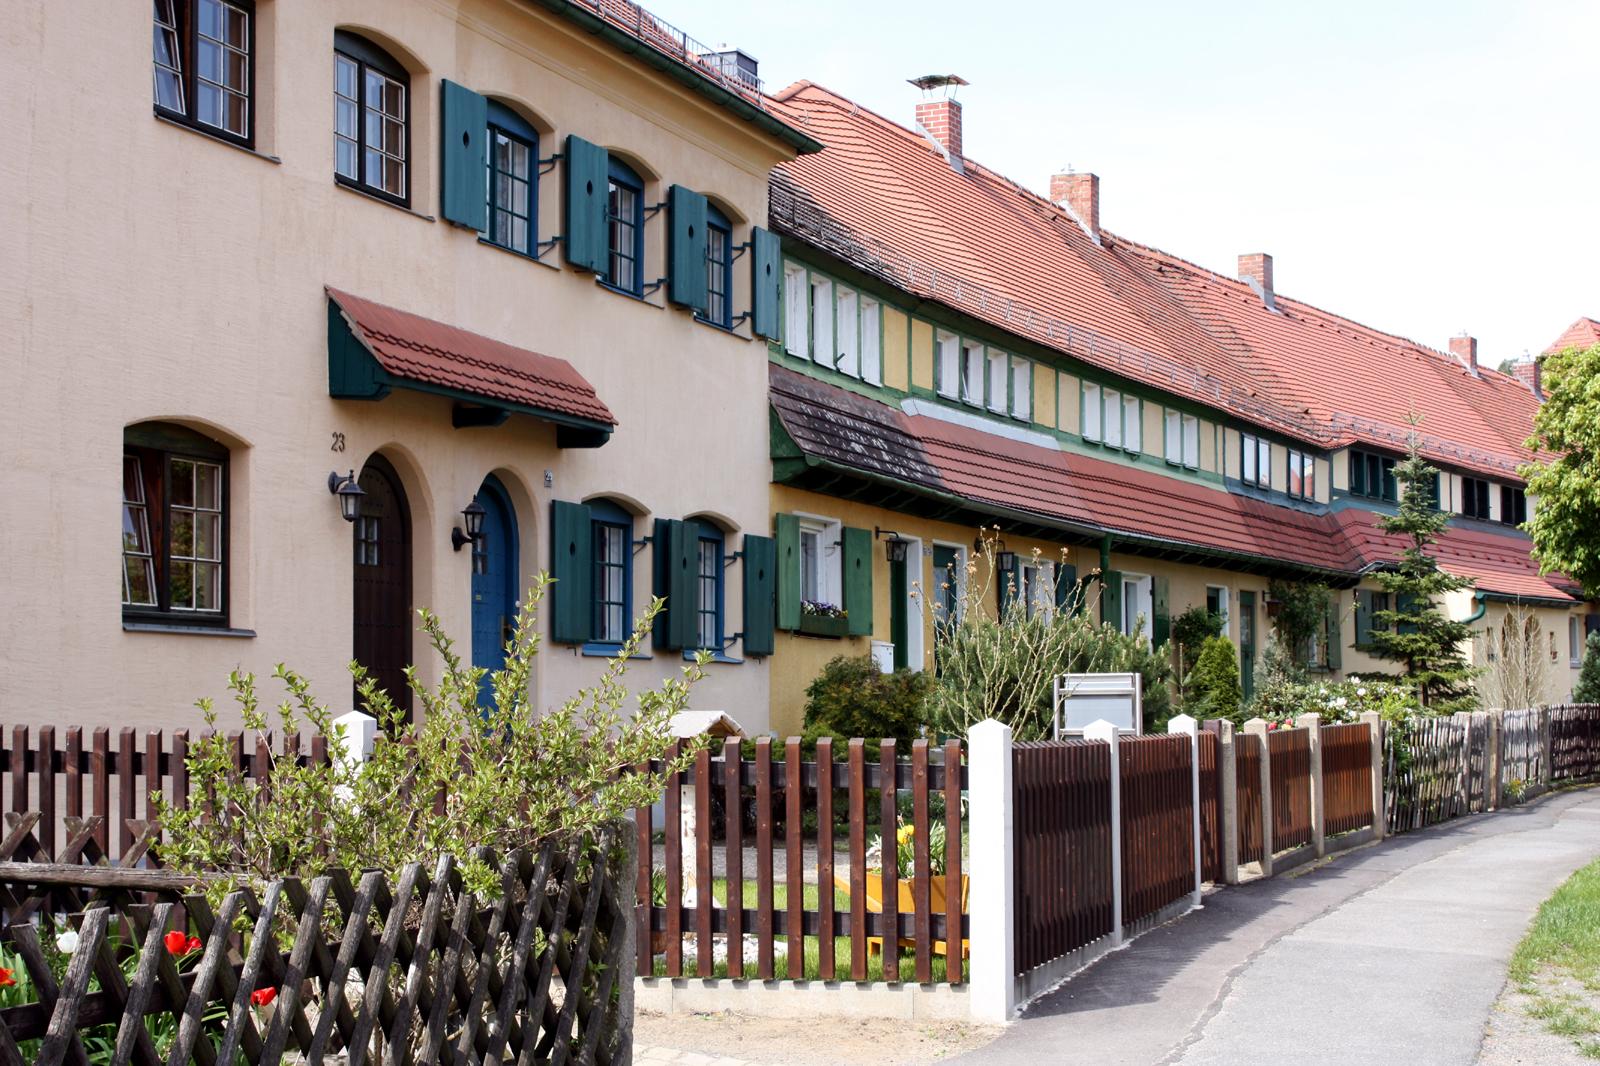 """Reiseführer """"Vieltausend Augen-Blicke"""" - dgap-afr: bet-at-home.com ag: preliminary  - globenewswire Sächsische Dampfschiffahrt"""